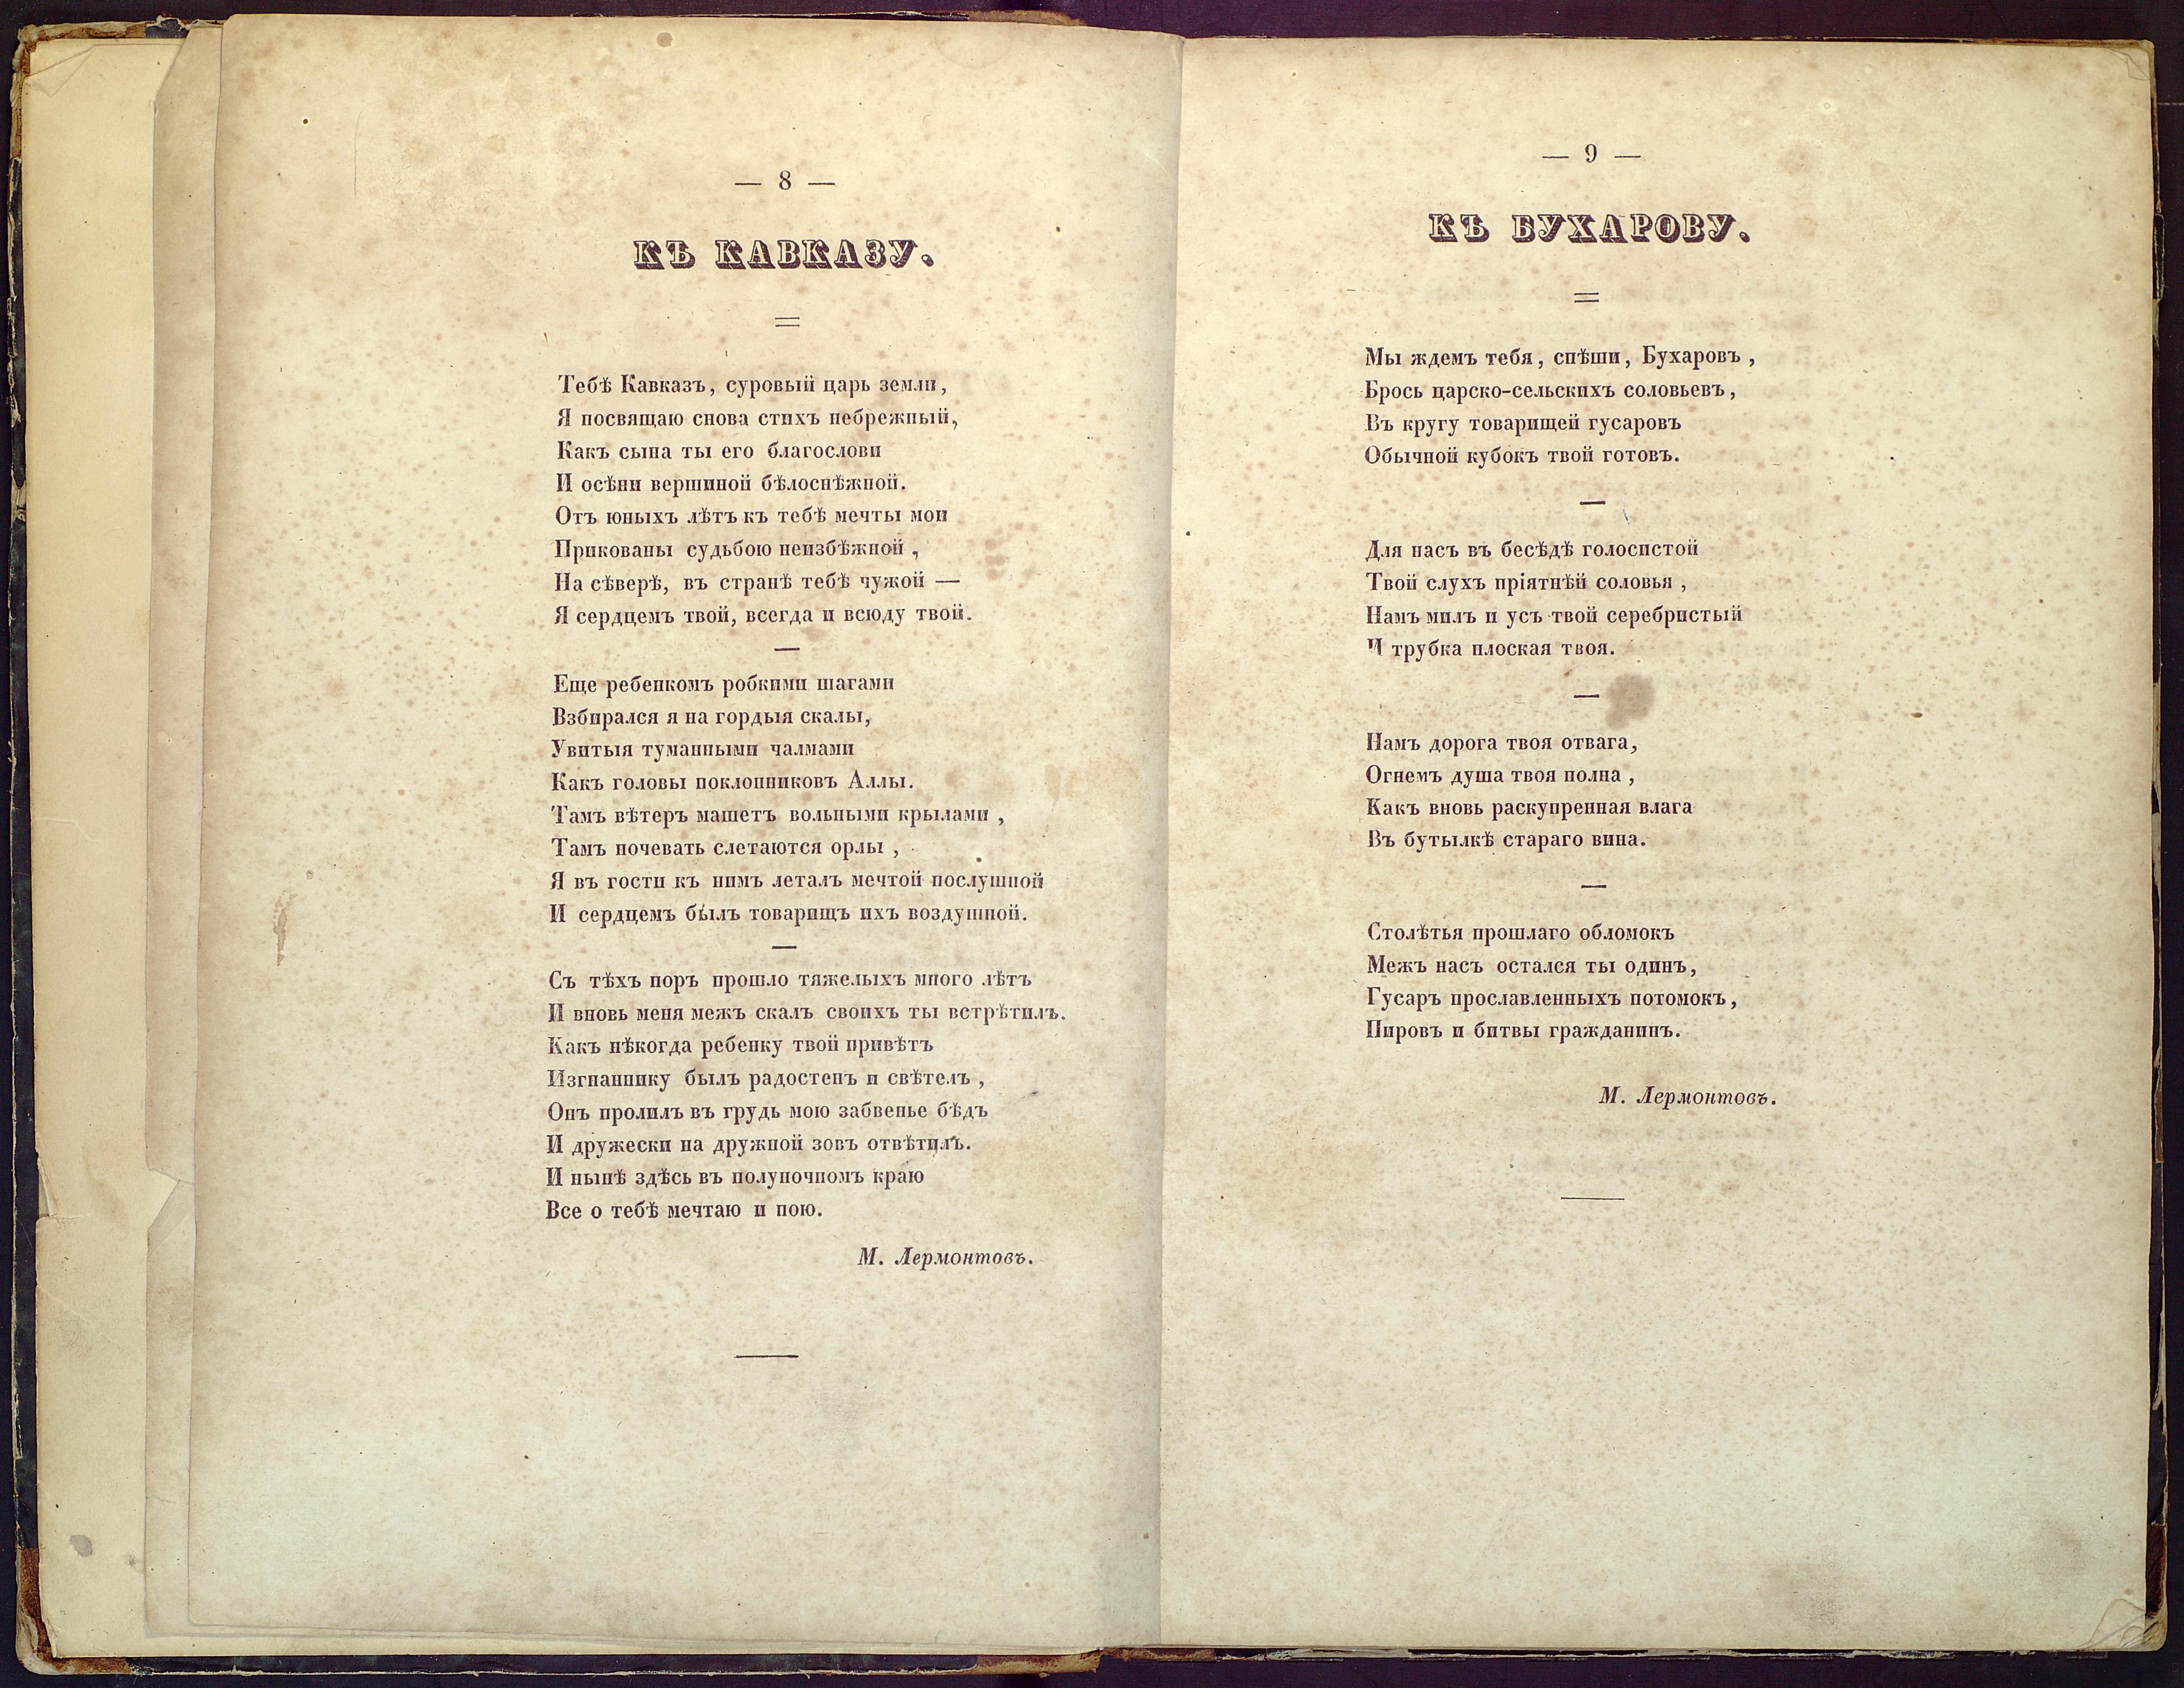 ЛОК-4178 ТАРХАНЫ КП-9524  Книга Молодик на 1844 год._3